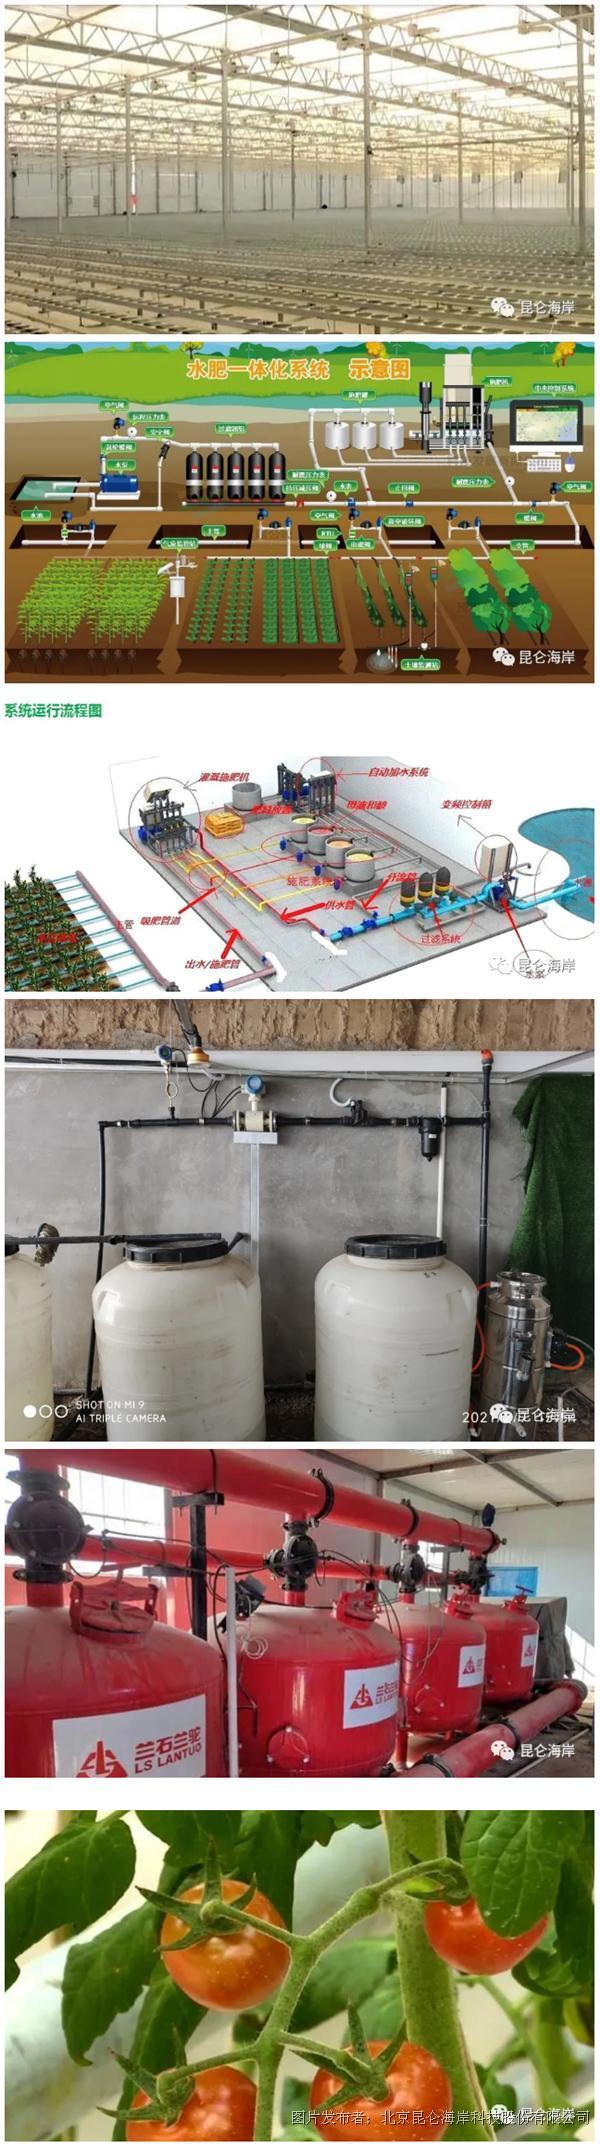 压力变送器和电磁流量计在水肥一体化行业的解决方案.png